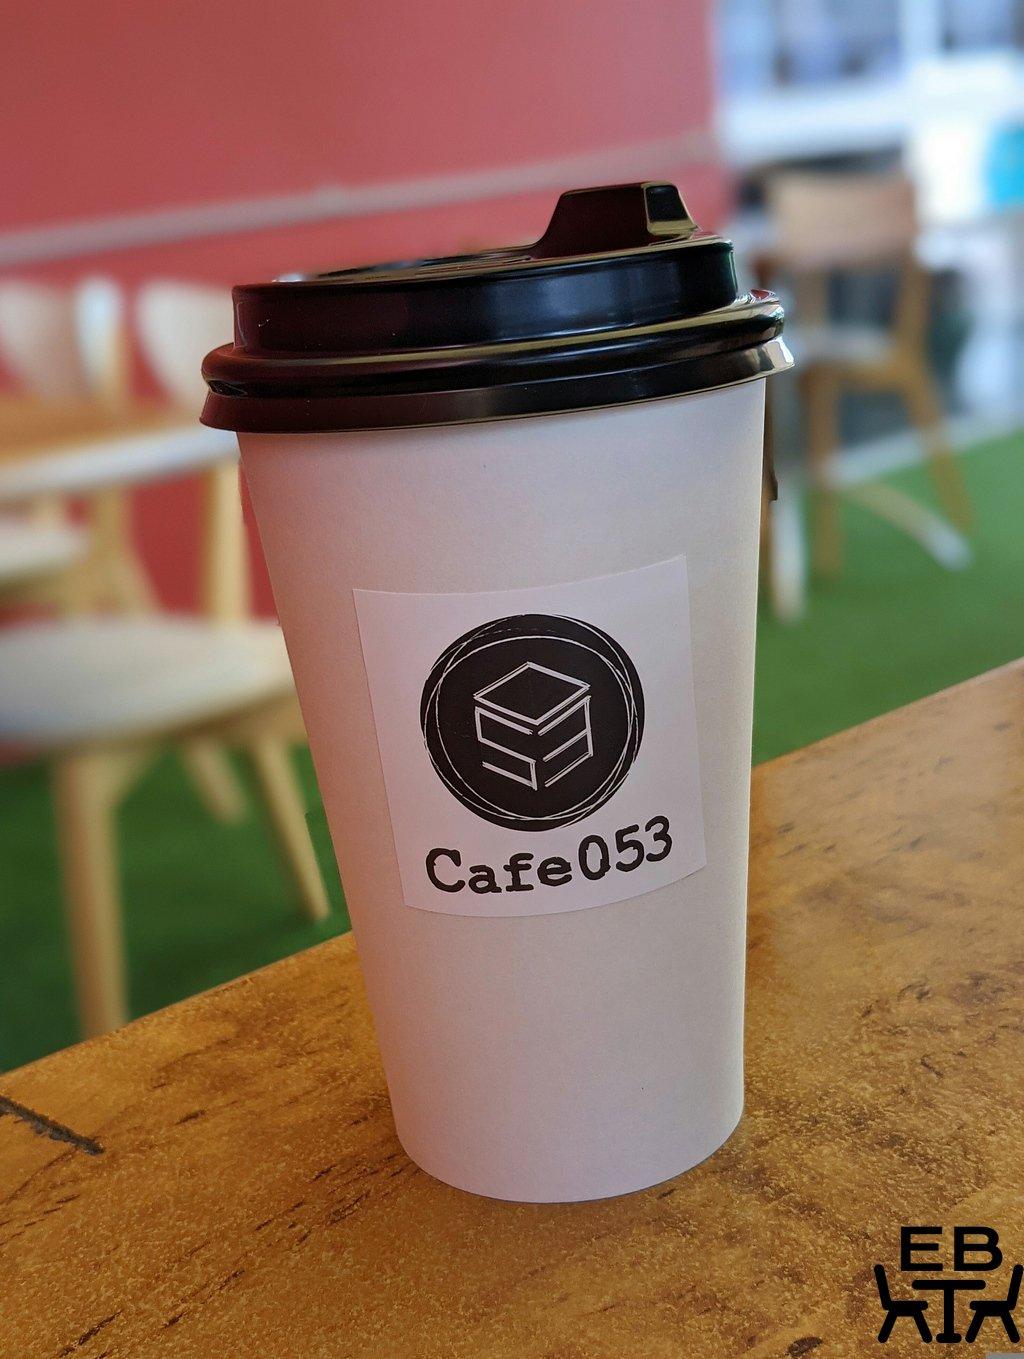 cafe 053 flat white